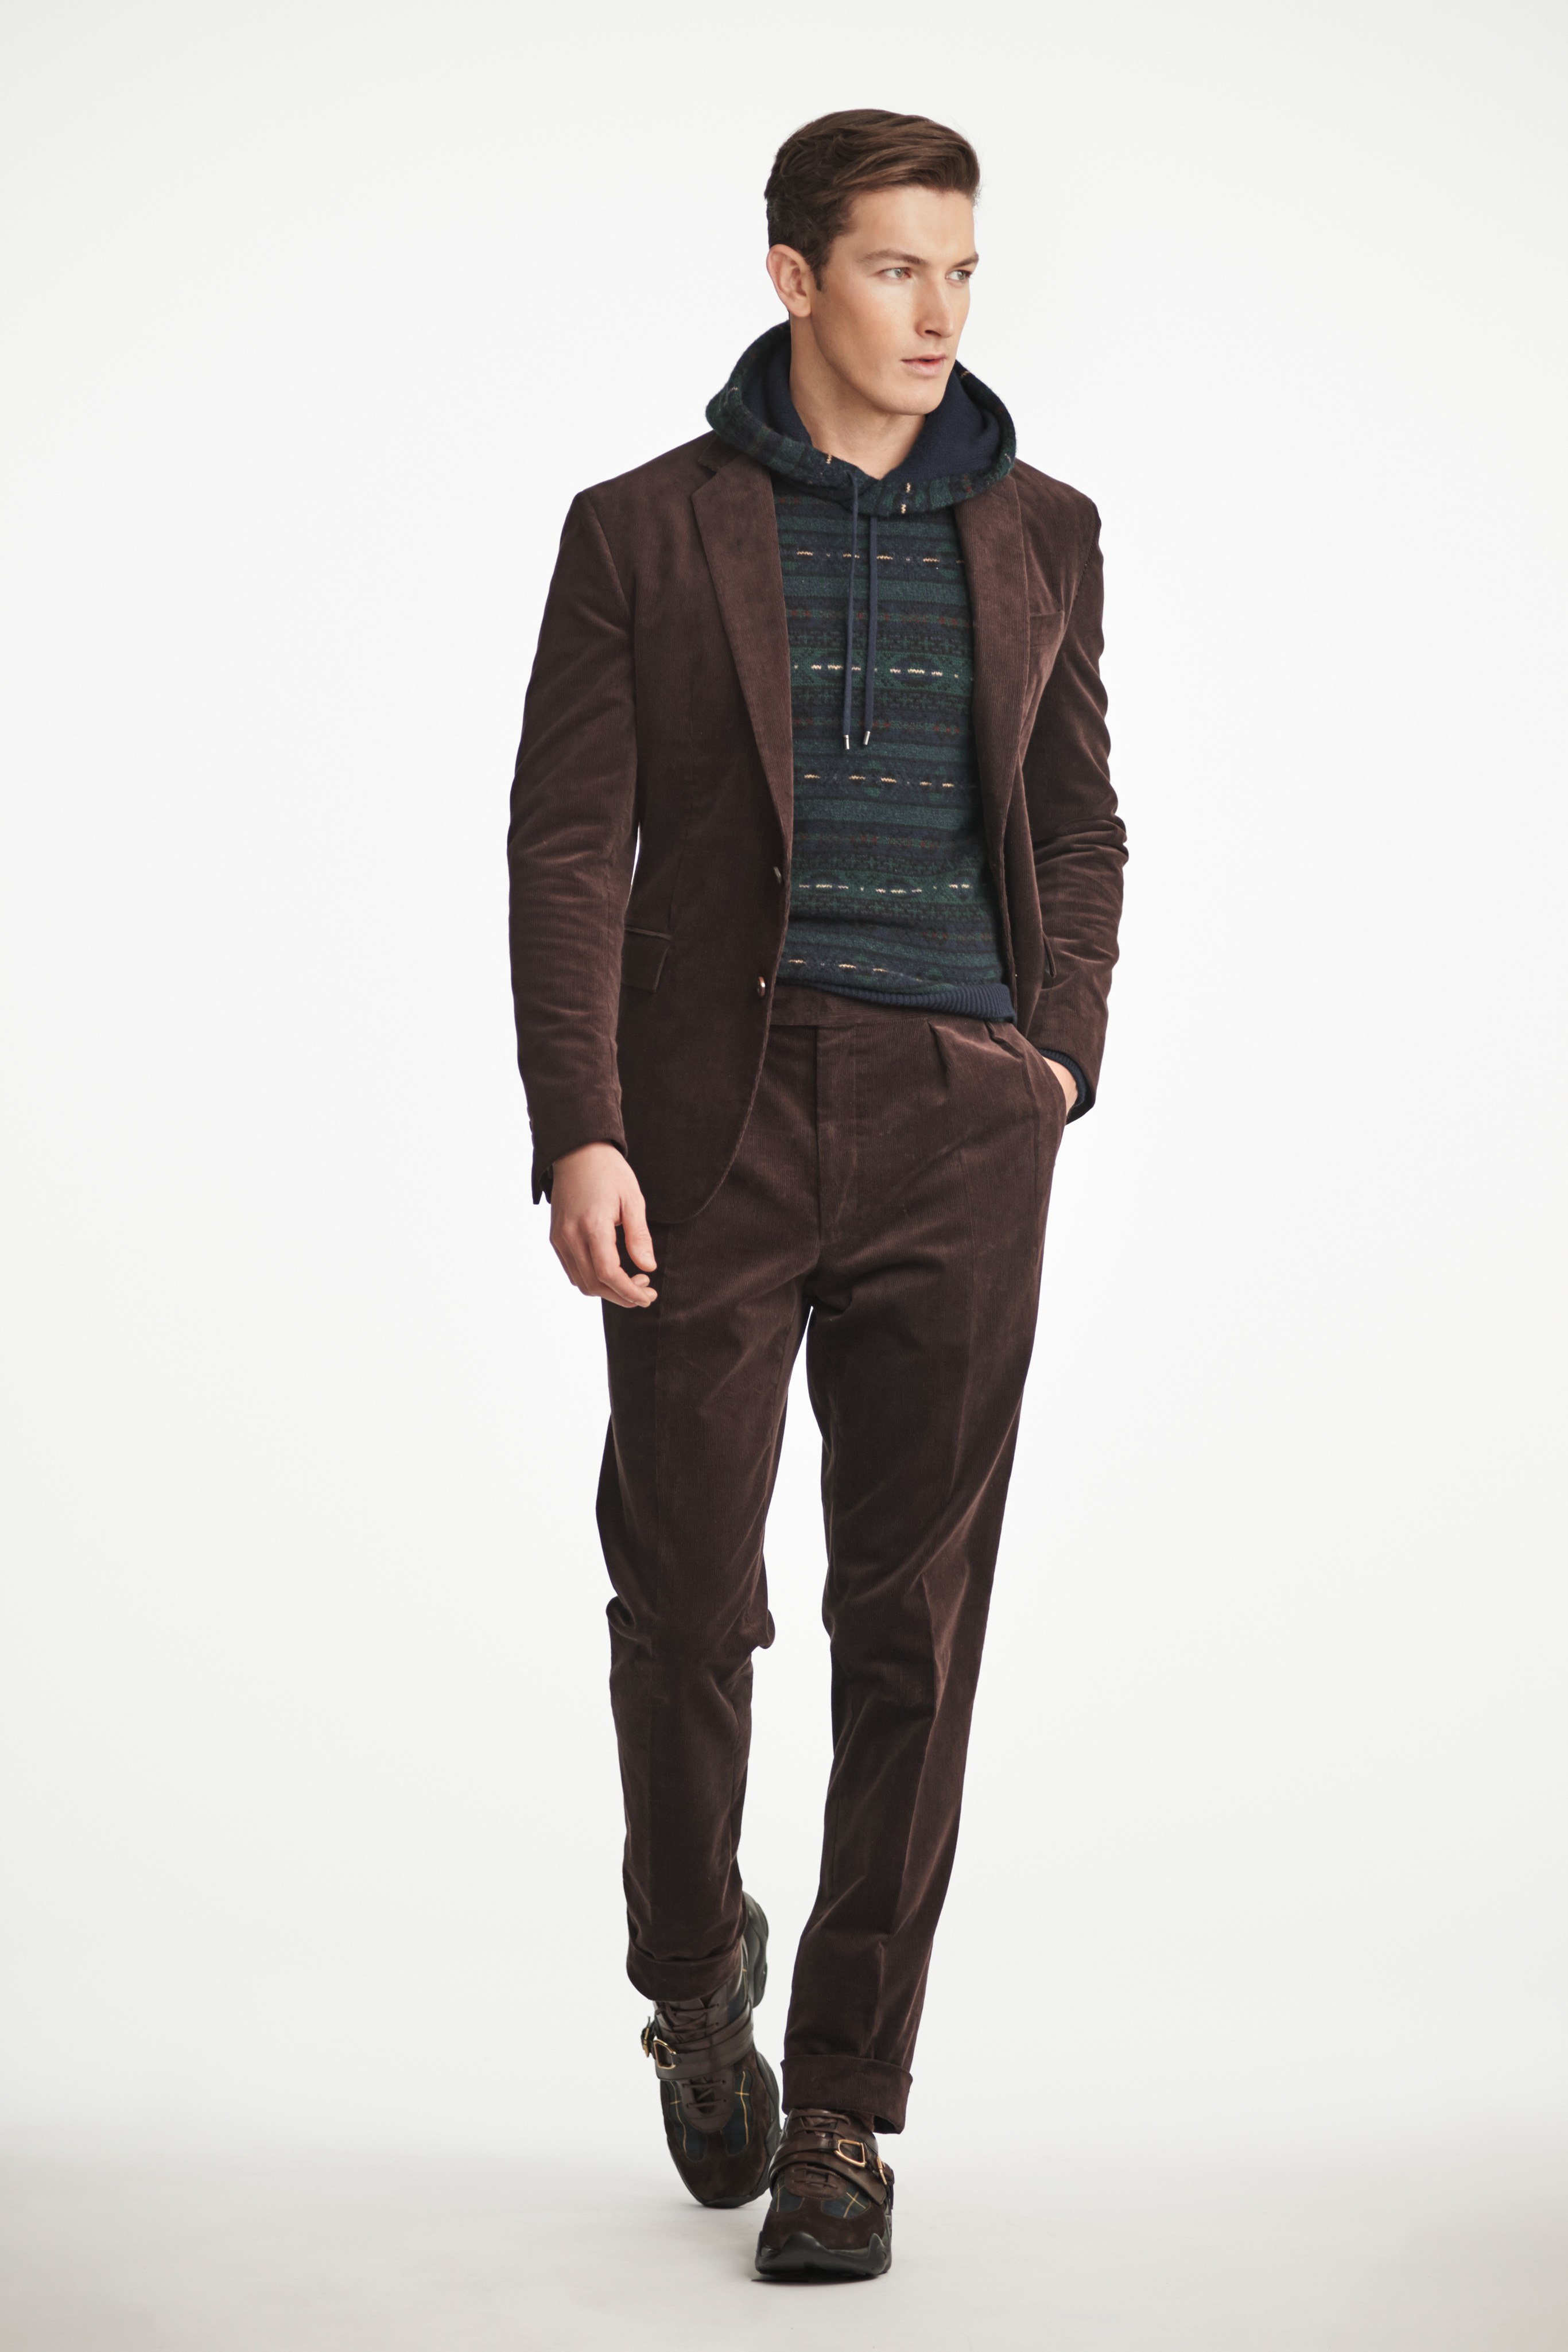 cc295625ea8e3 semana de moda masculina de milão